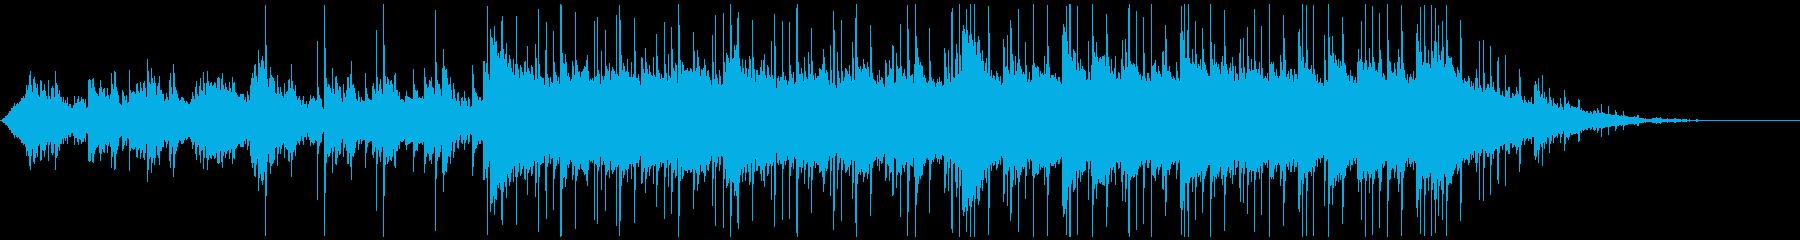 ピアノがキラキラ綺麗なBGM12の再生済みの波形